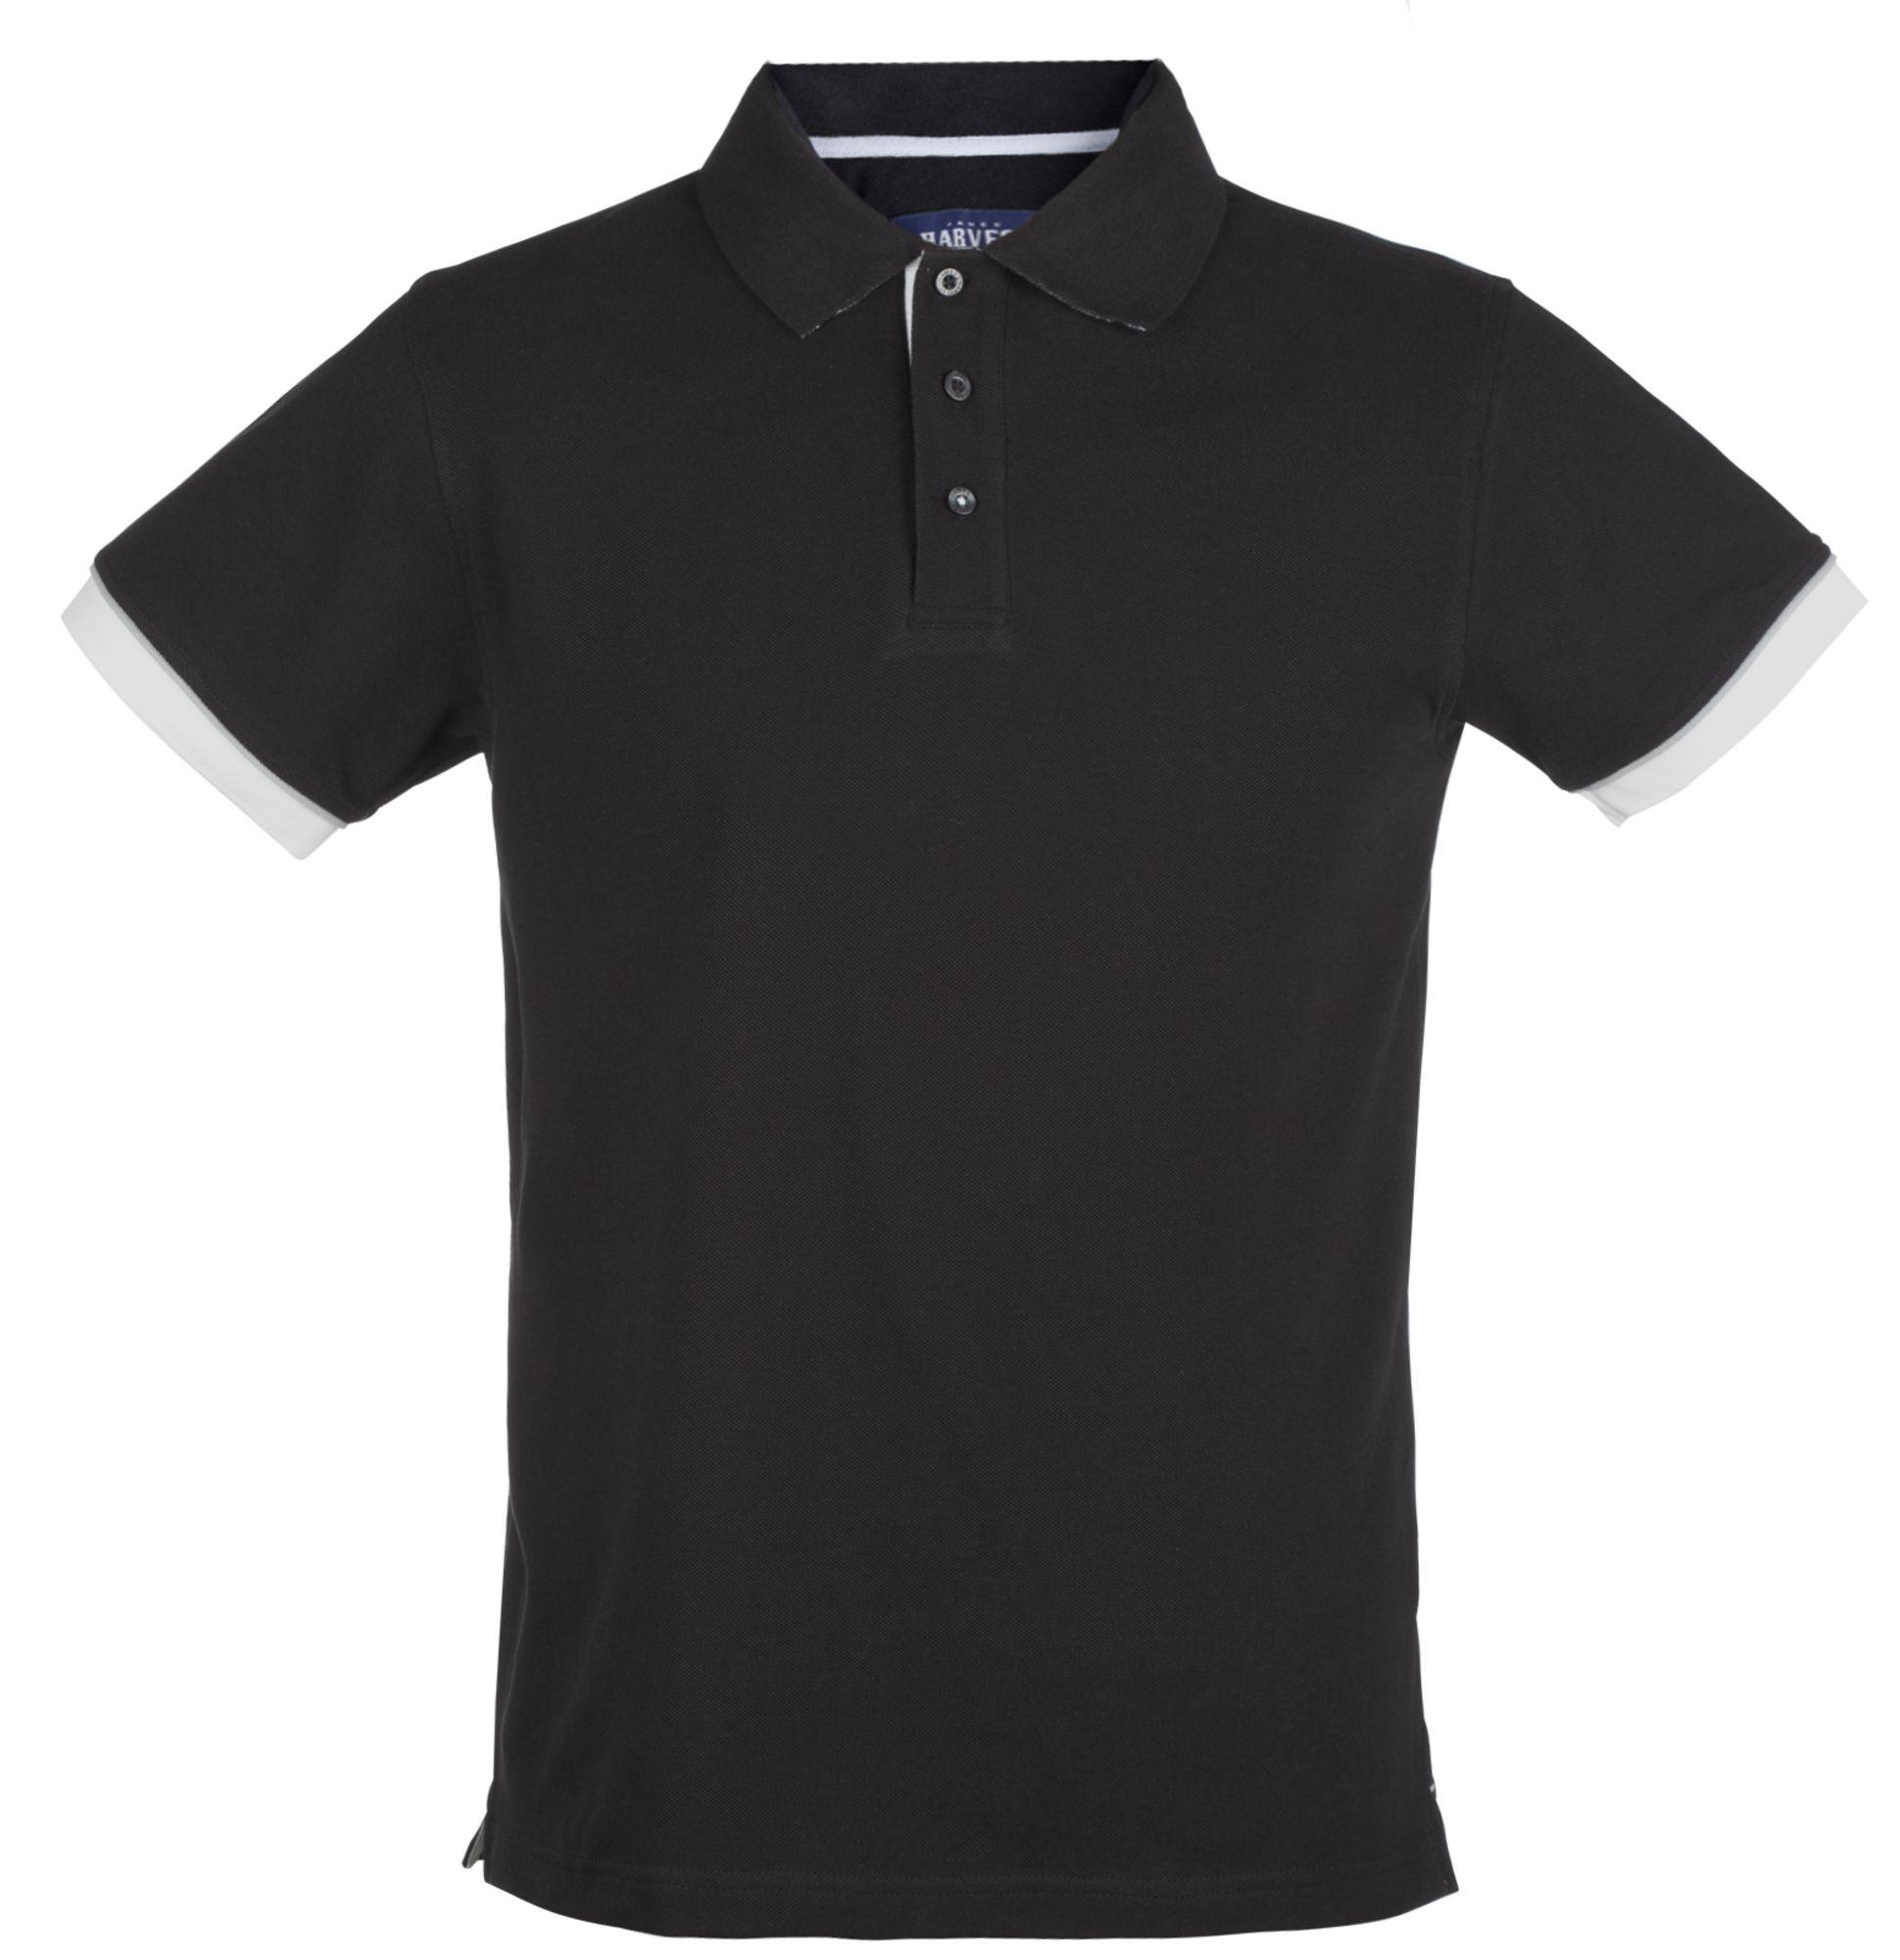 Рубашка поло мужская ANDERSON, черная с белым